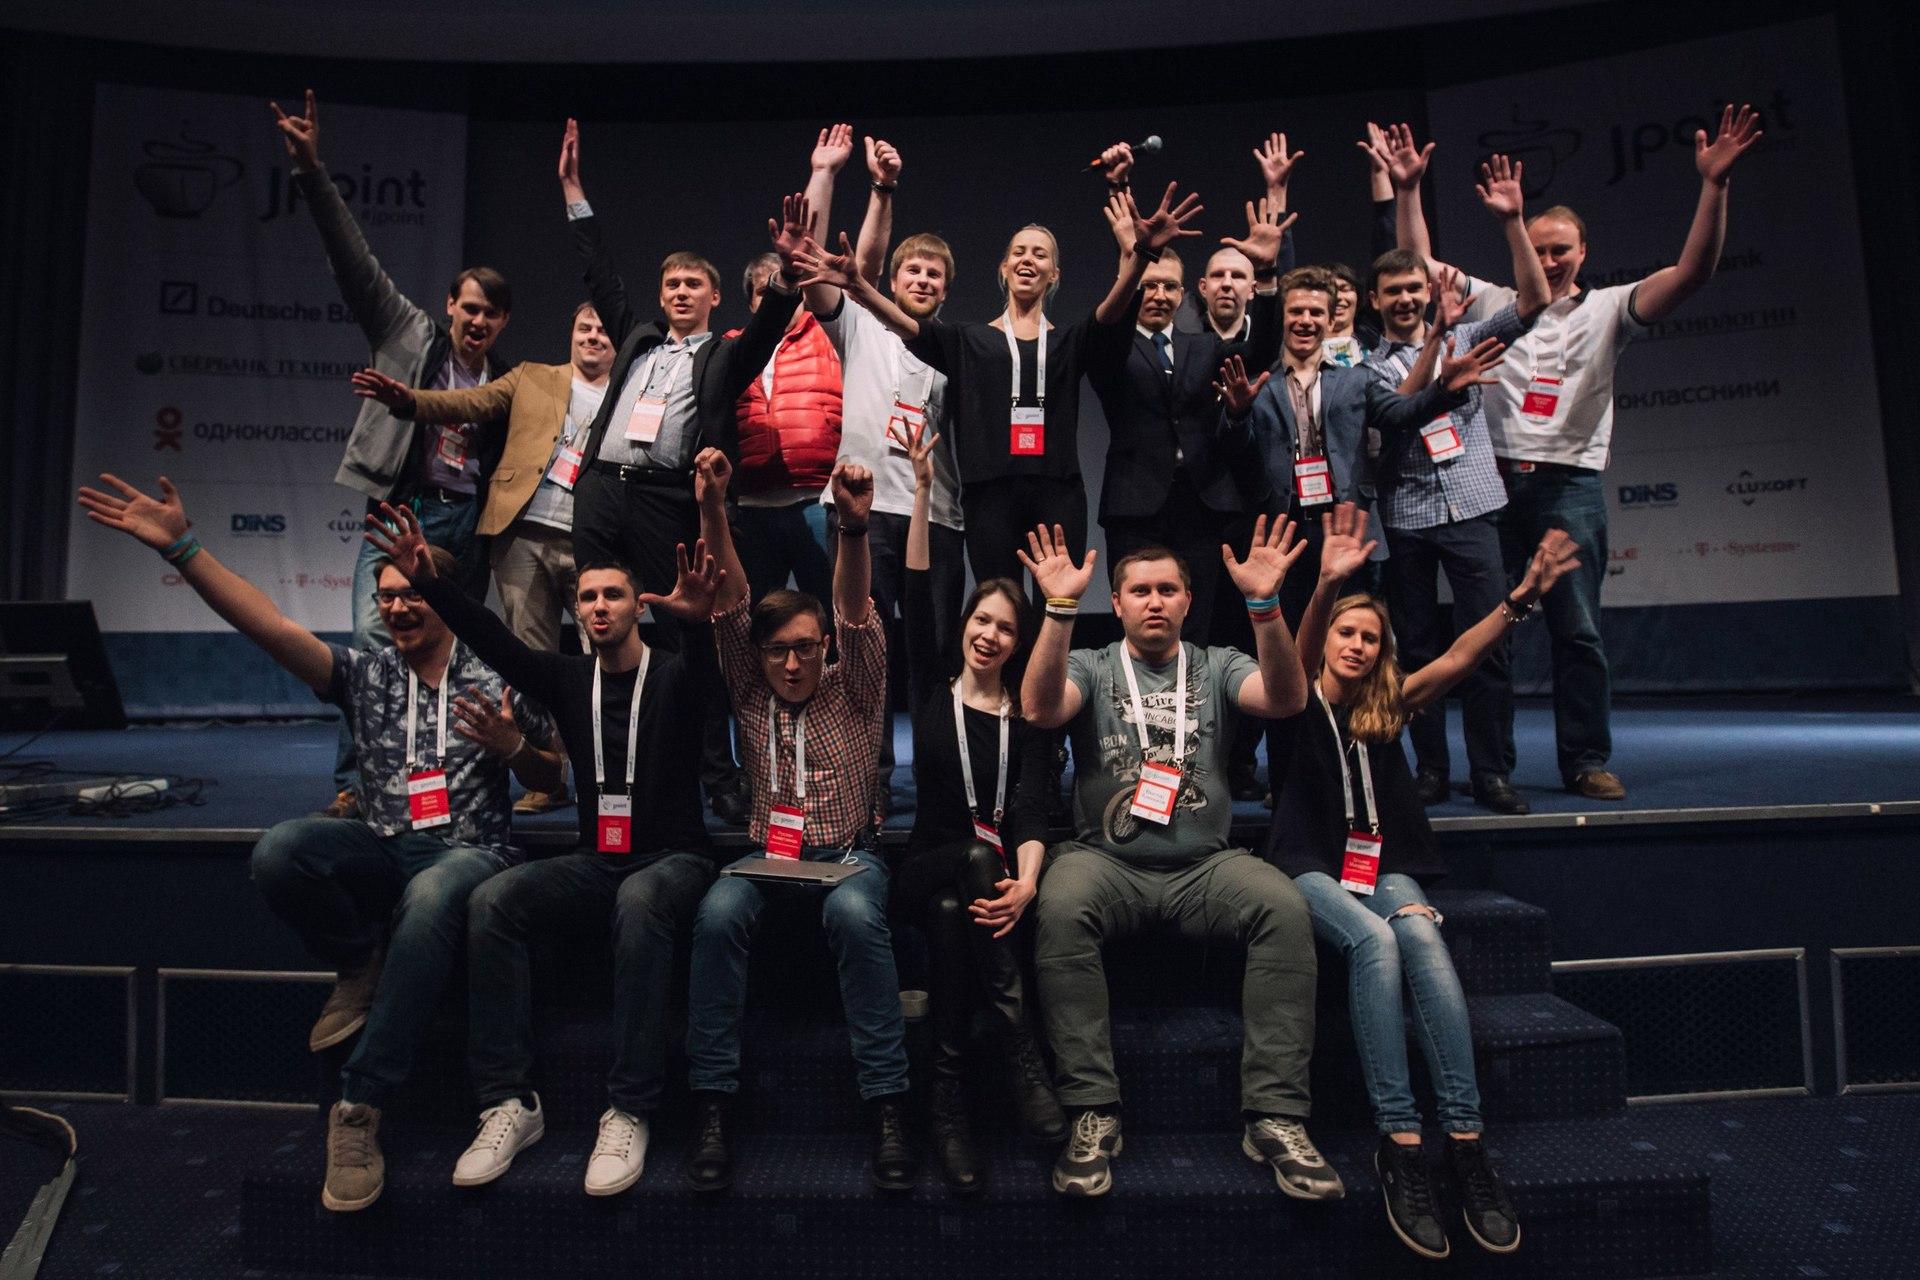 JPoint Student Day: зачем конференции «студенческий день»? - 10